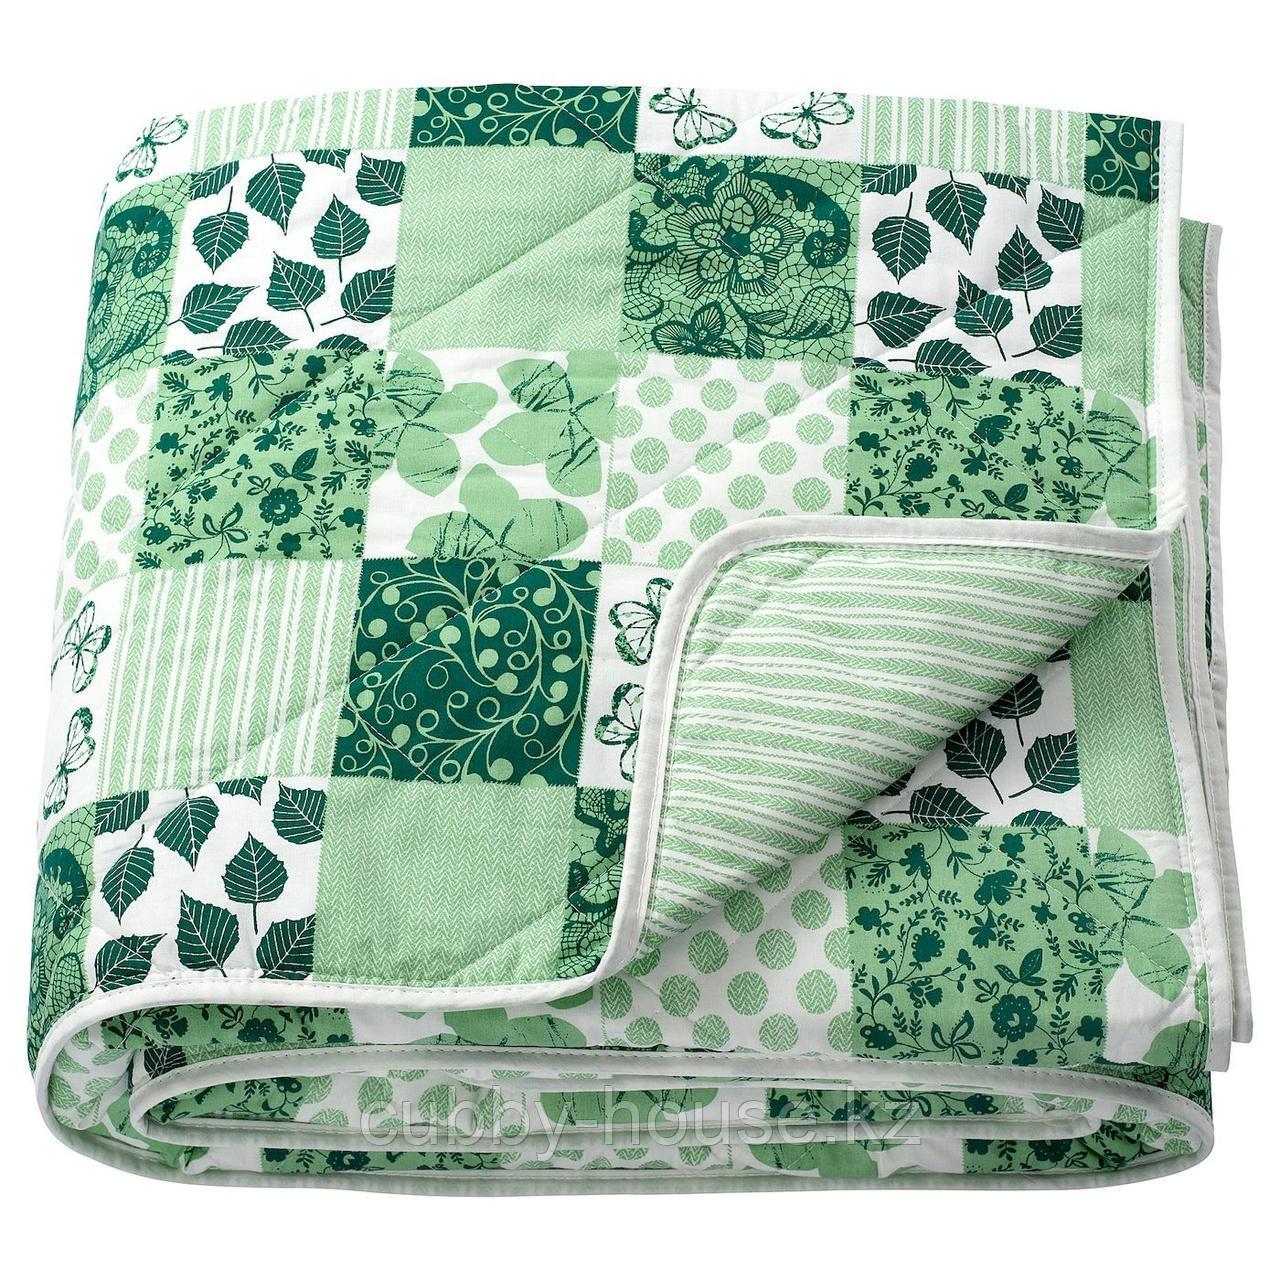 АКСВЕРОНИКА Покрывало, лоскутный, зеленый, 180x220 см